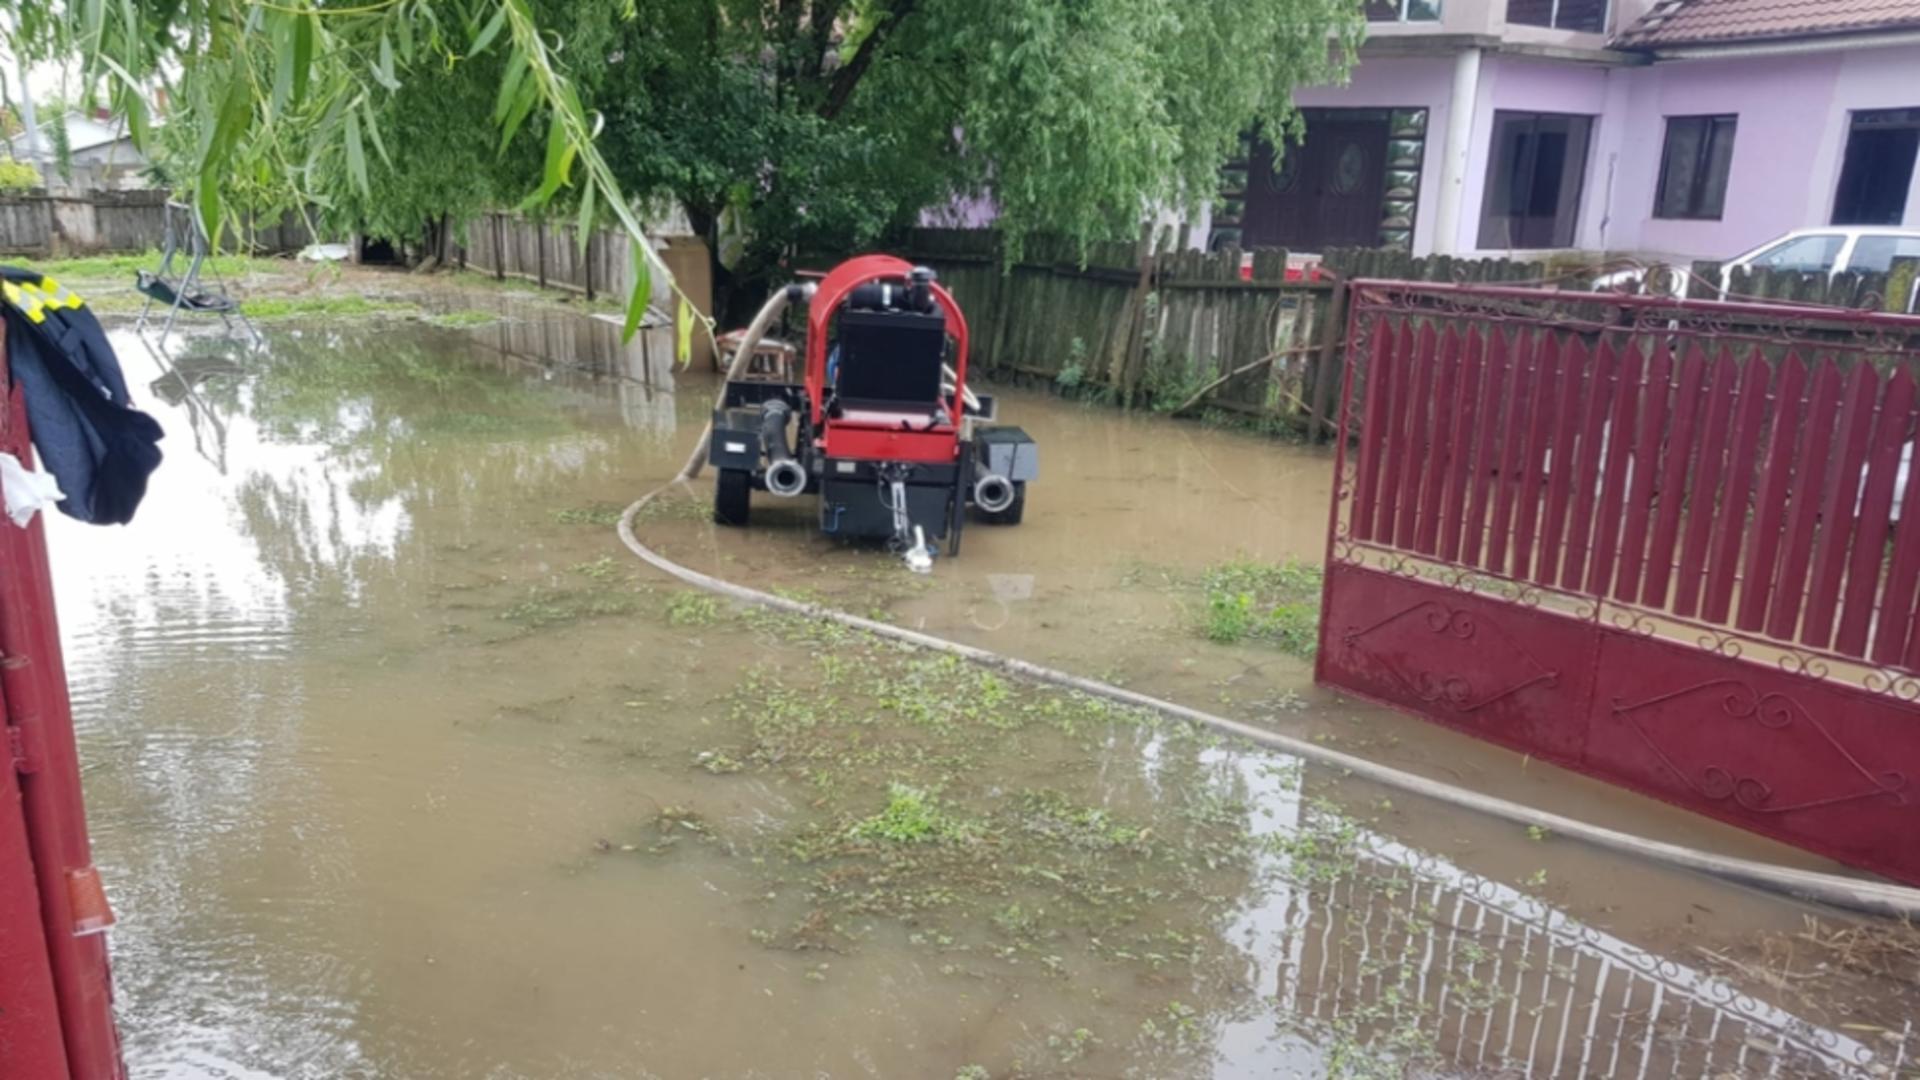 Cod galben de inundații pe râurile din Bacău,Harghita și Covasna. Foto arhivă